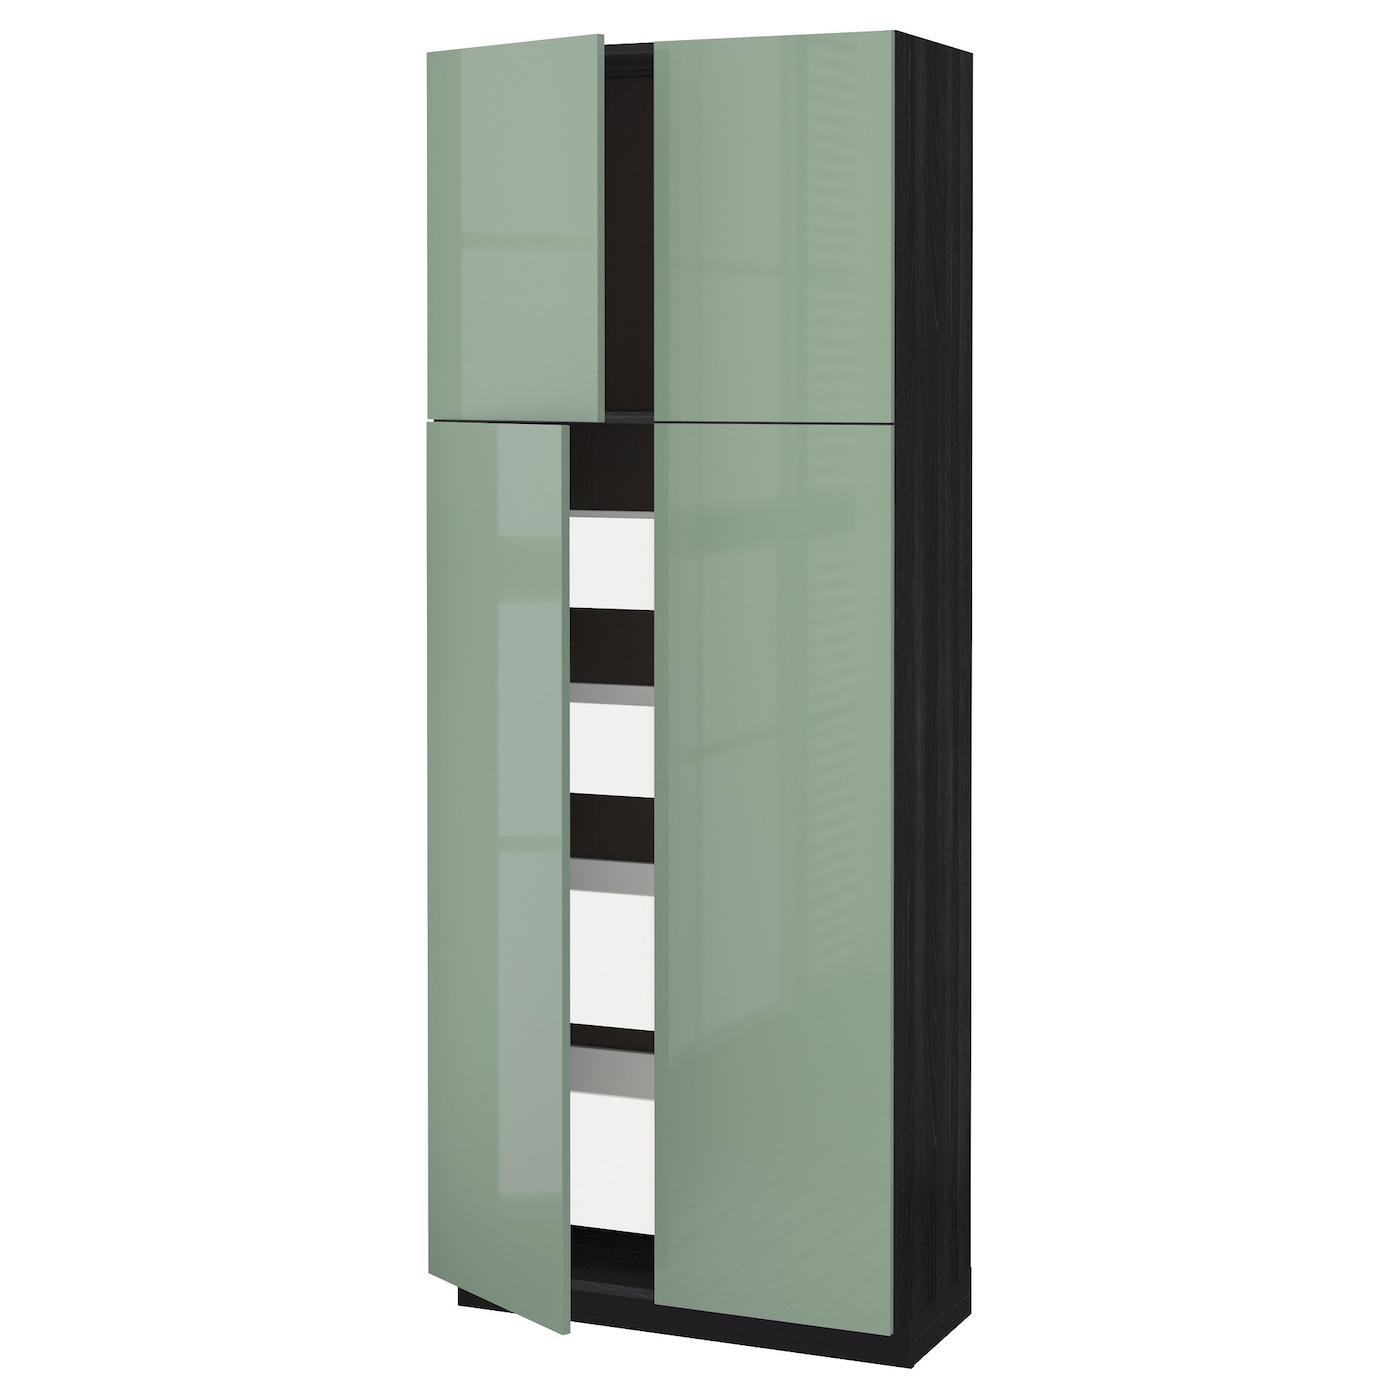 Metod maximera armoire 4 portes 4 tirois noir kallarp for Ikea portes d armoires